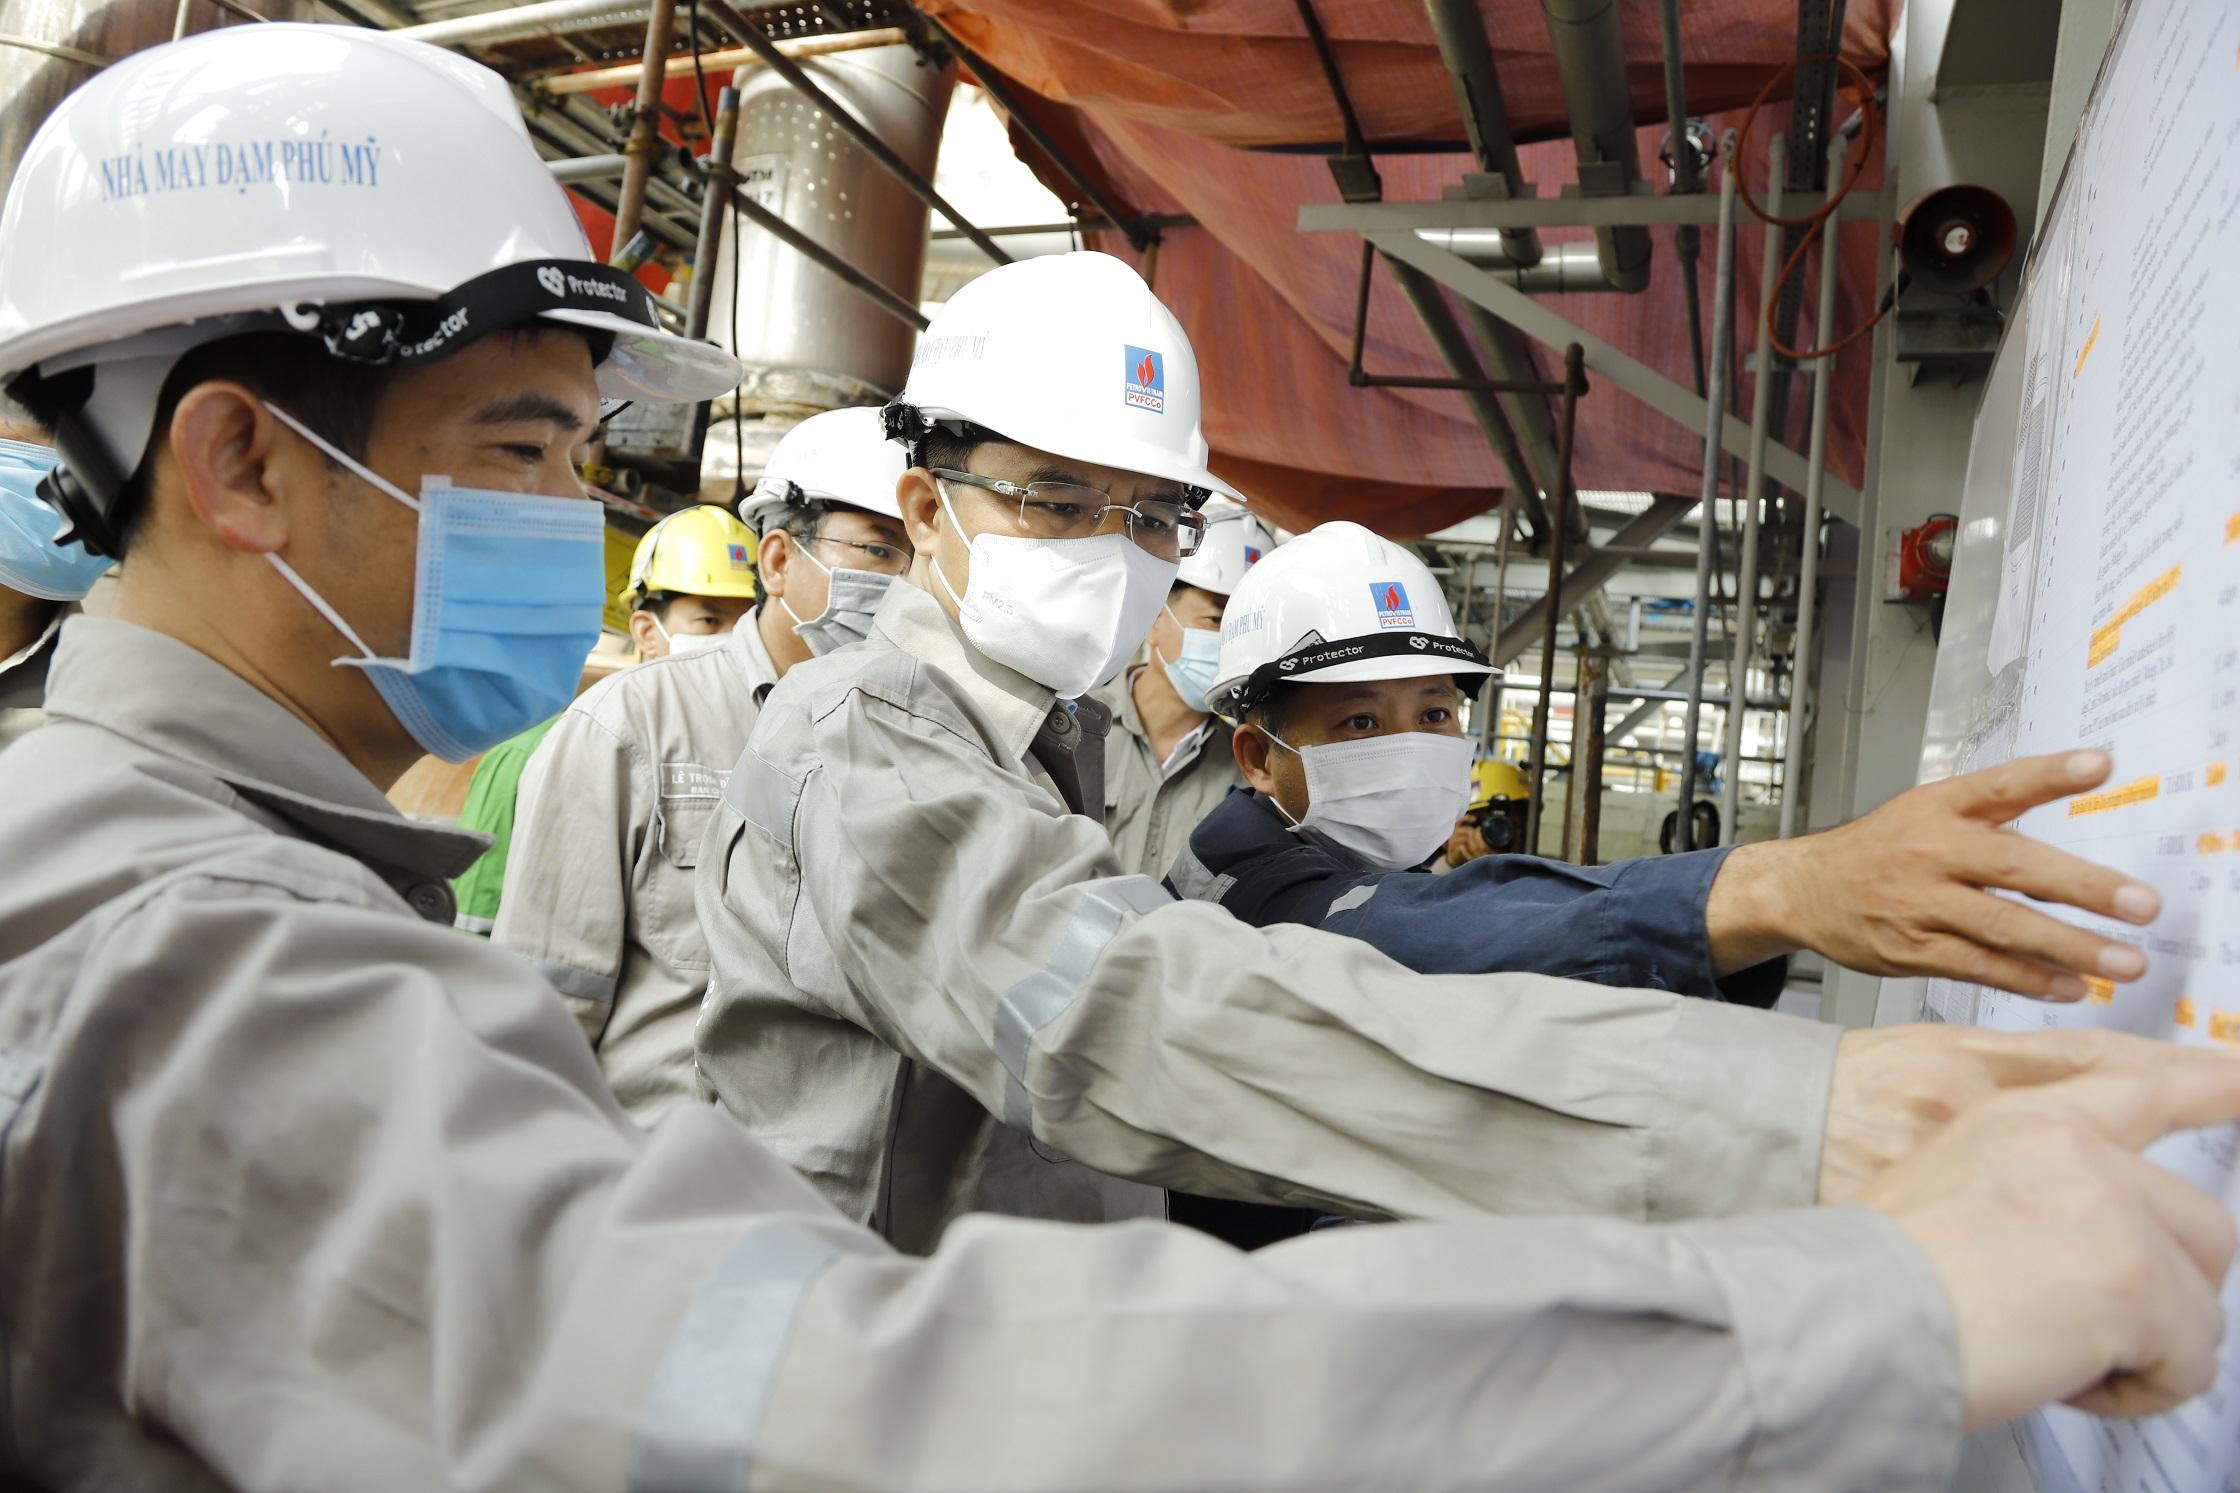 Tổng Giám đốc Petrovietnam Lê Mạnh Hùng kiêm tra công tác bảo dưỡng tổng thể Nhà máy Đạm Phú Mỹ